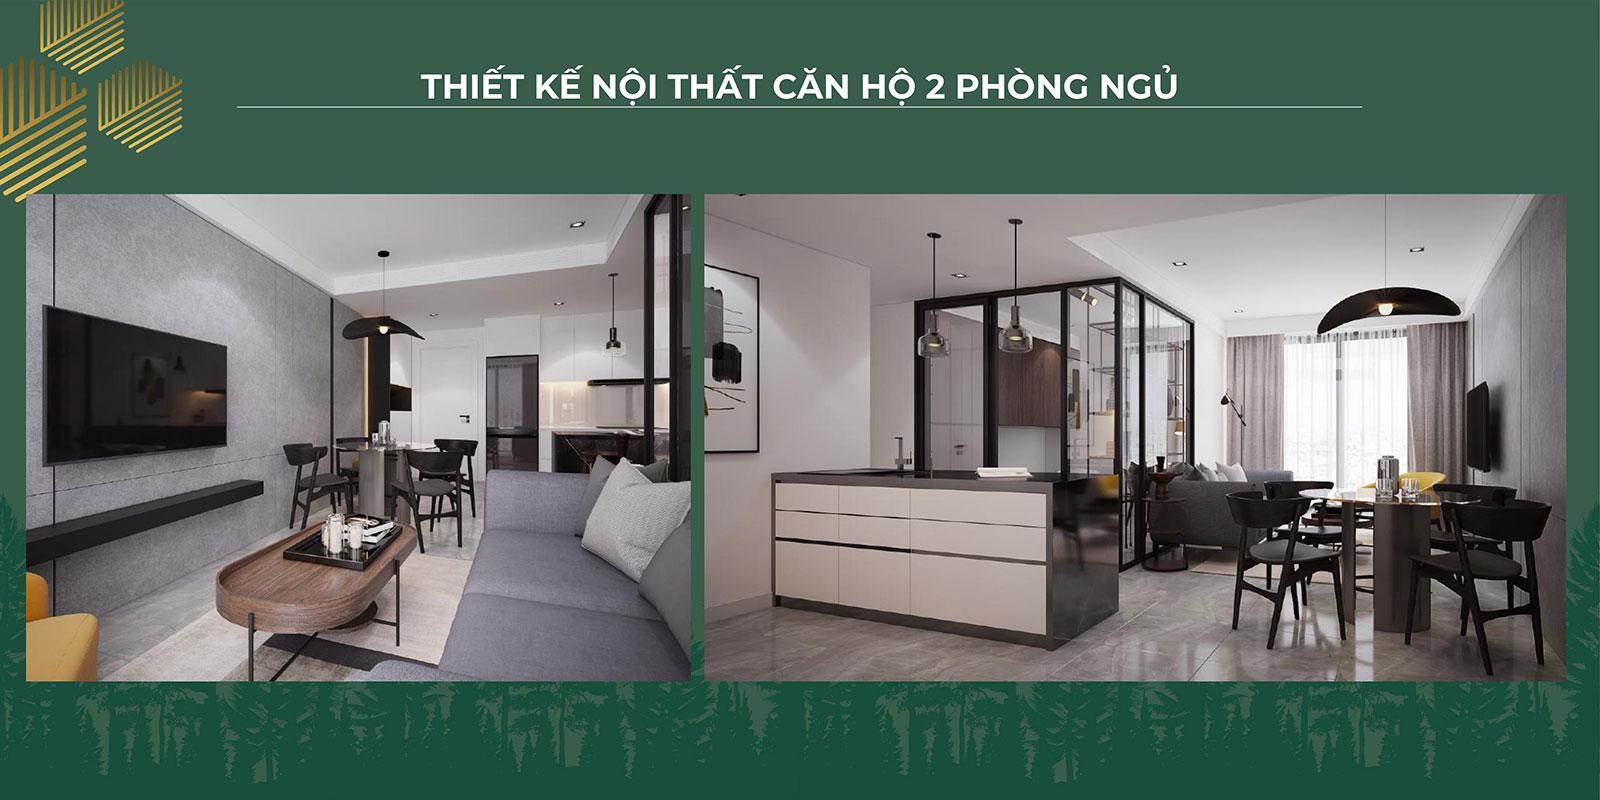 Thiết kế nội thất căn hộ 2PN 01